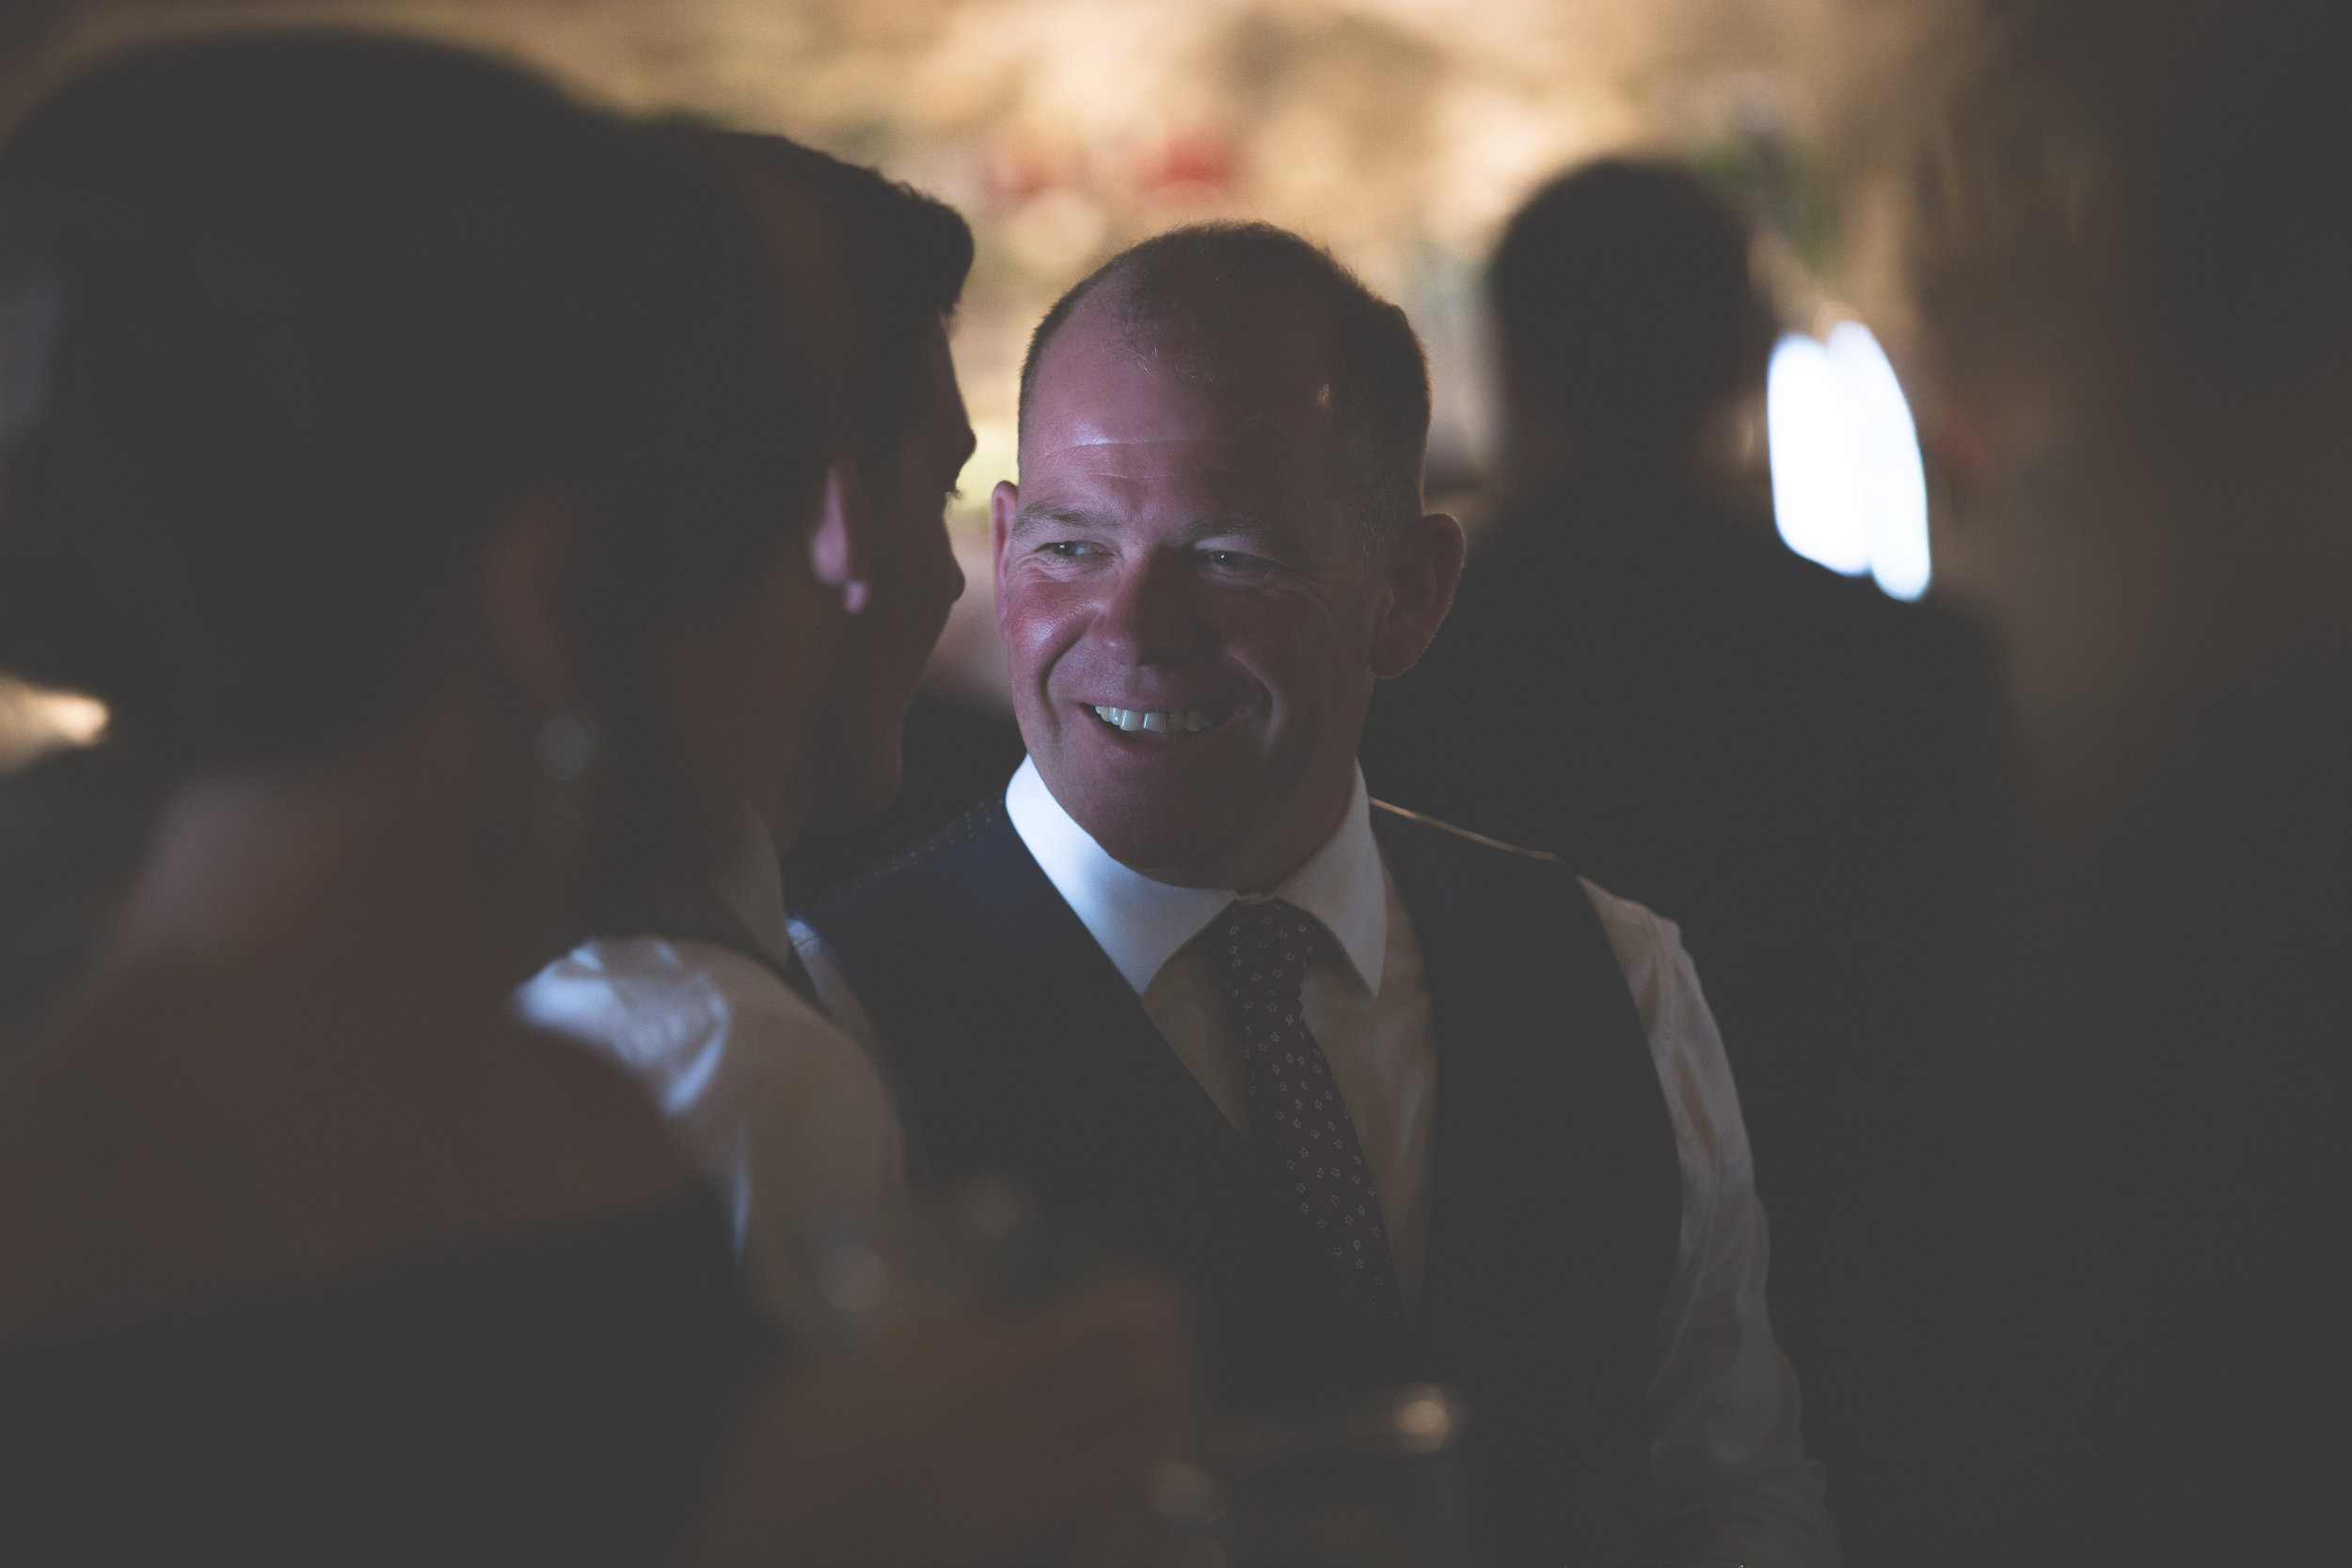 Brian McEwan Wedding Photography | Carol-Anne & Sean | The Speeches-33.jpg